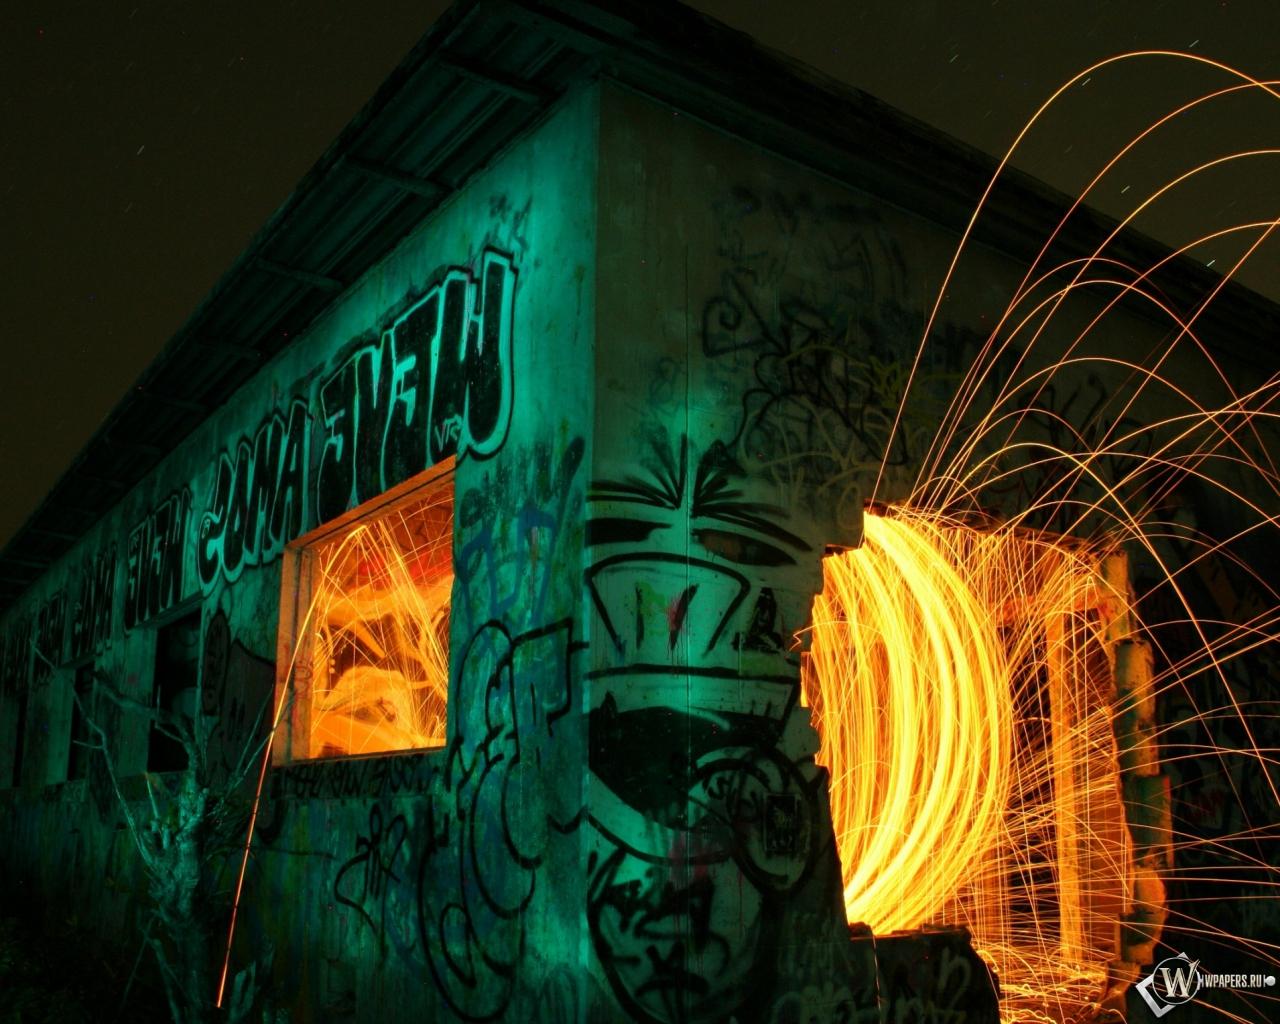 Ночь искры граффити 1280x1024 картинки